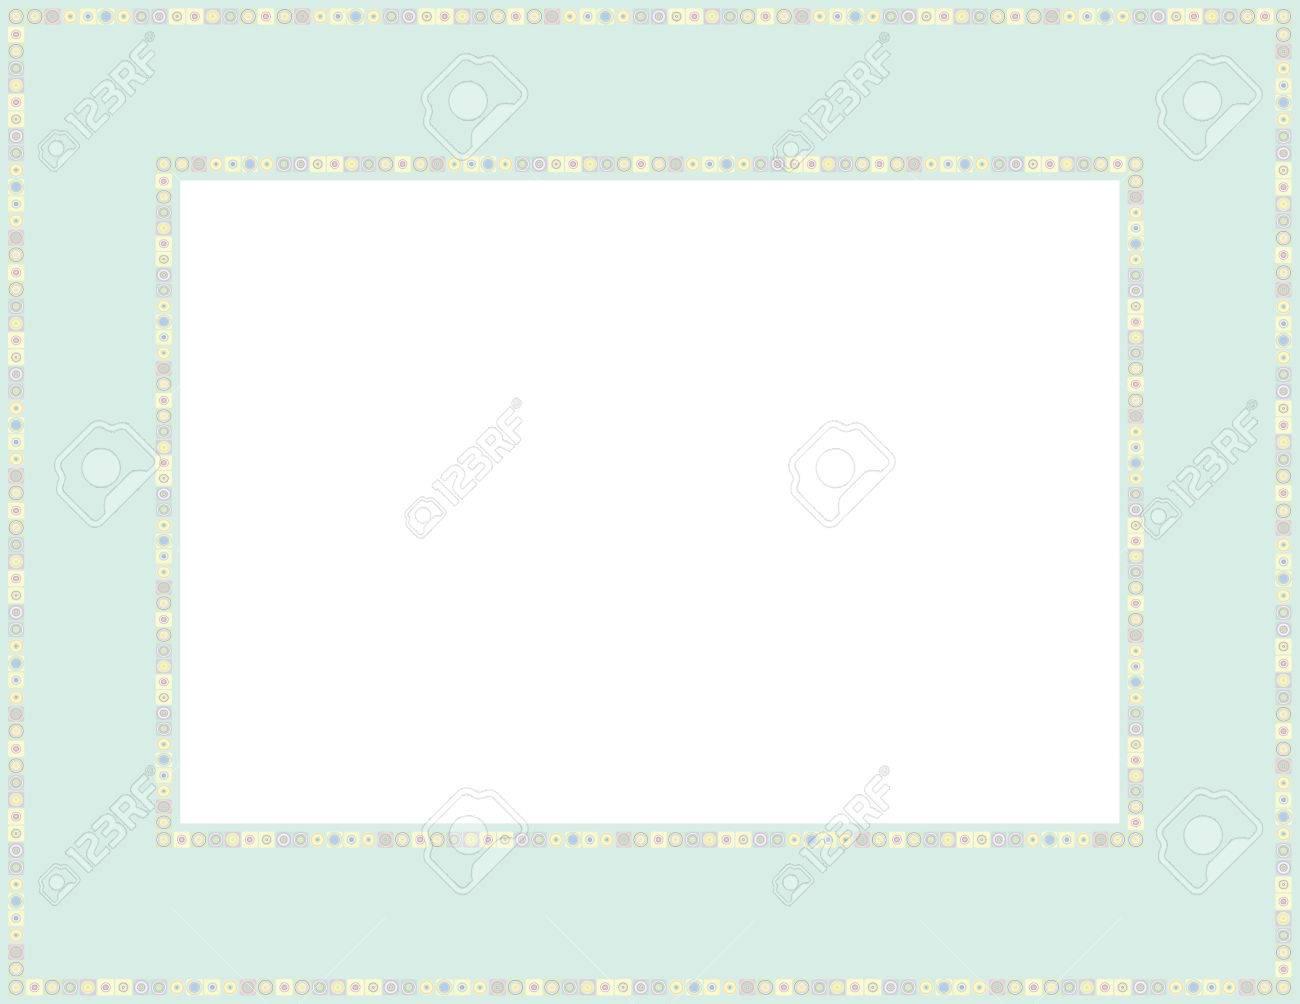 Perlen Muster Rahmen Mit Mosaik Grenze, Die Für Babypartys Genutzt ...